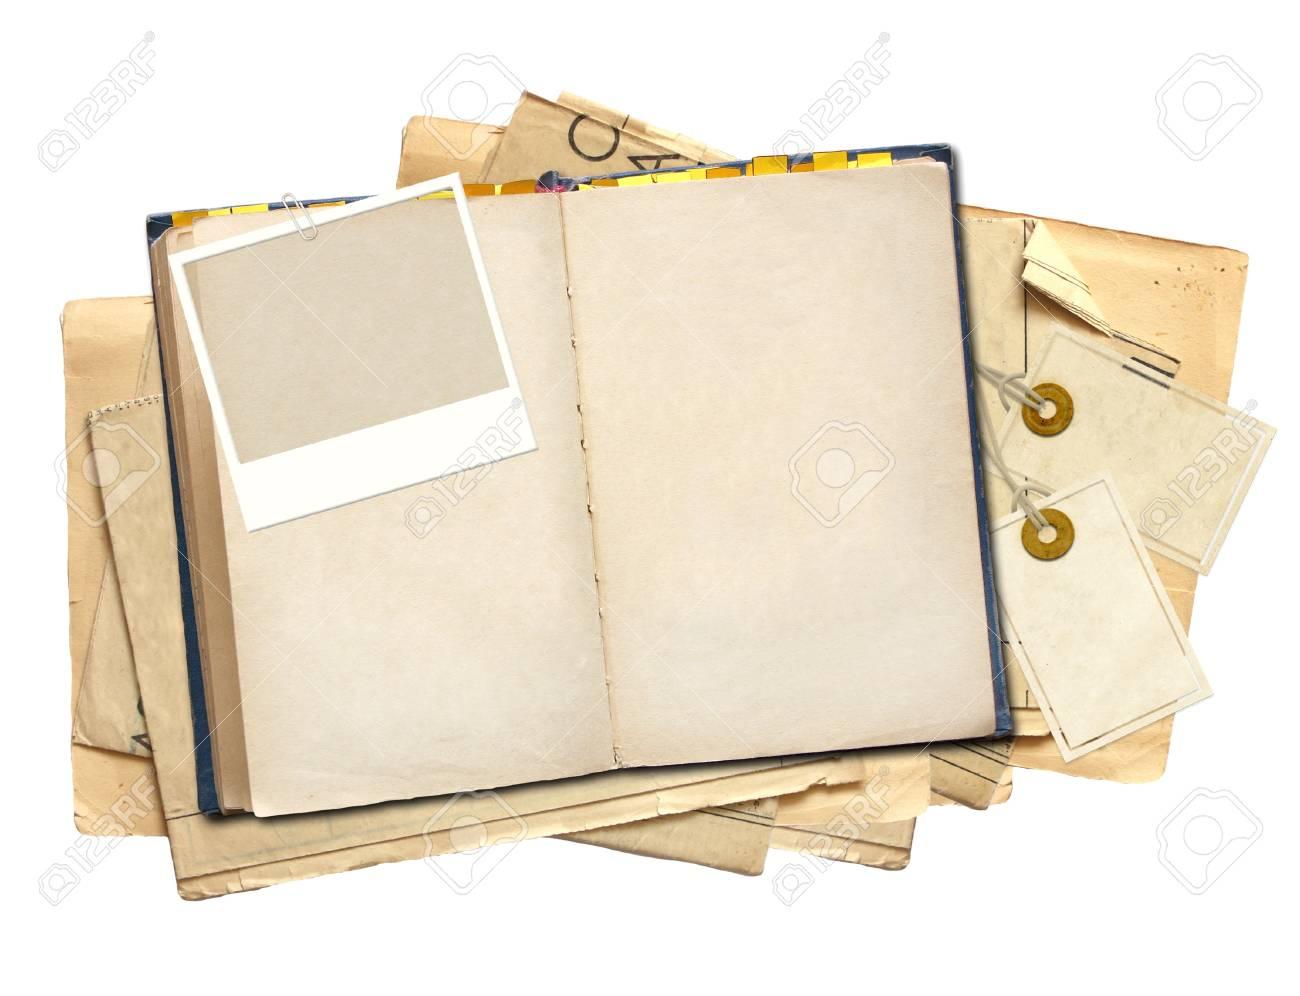 Vieux Livre Objet Isole Sur Blanc